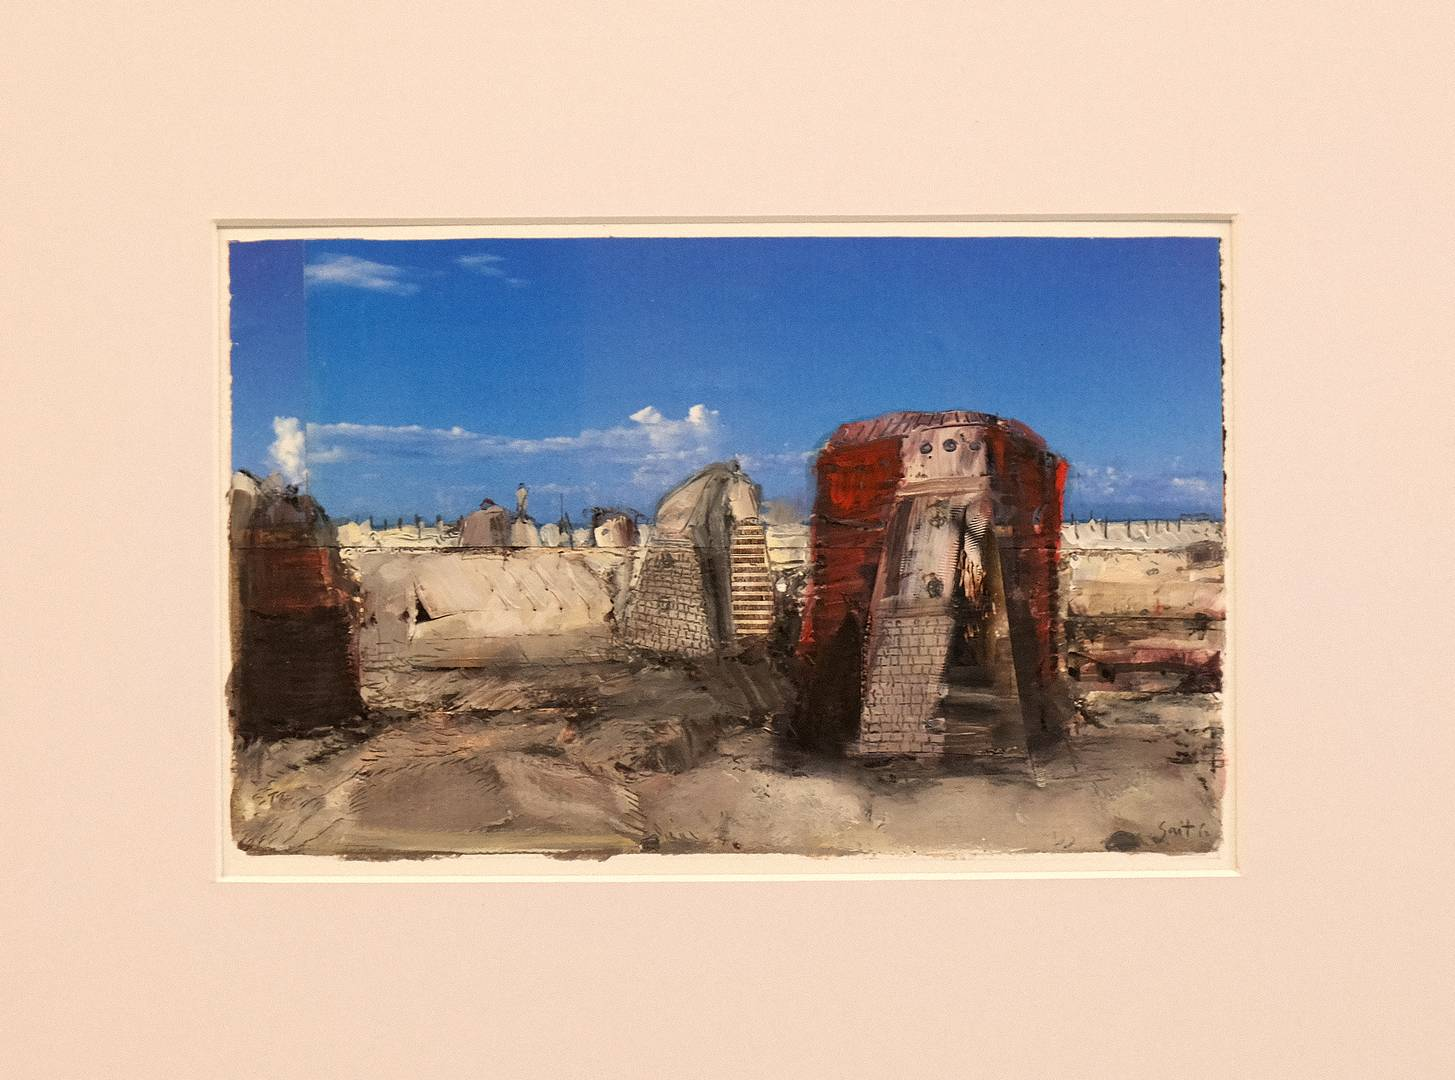 Sait Toprak, A story about isolate nature, 15x23 cm, Kağıt üzerine karışık teknik, 2012 (1)